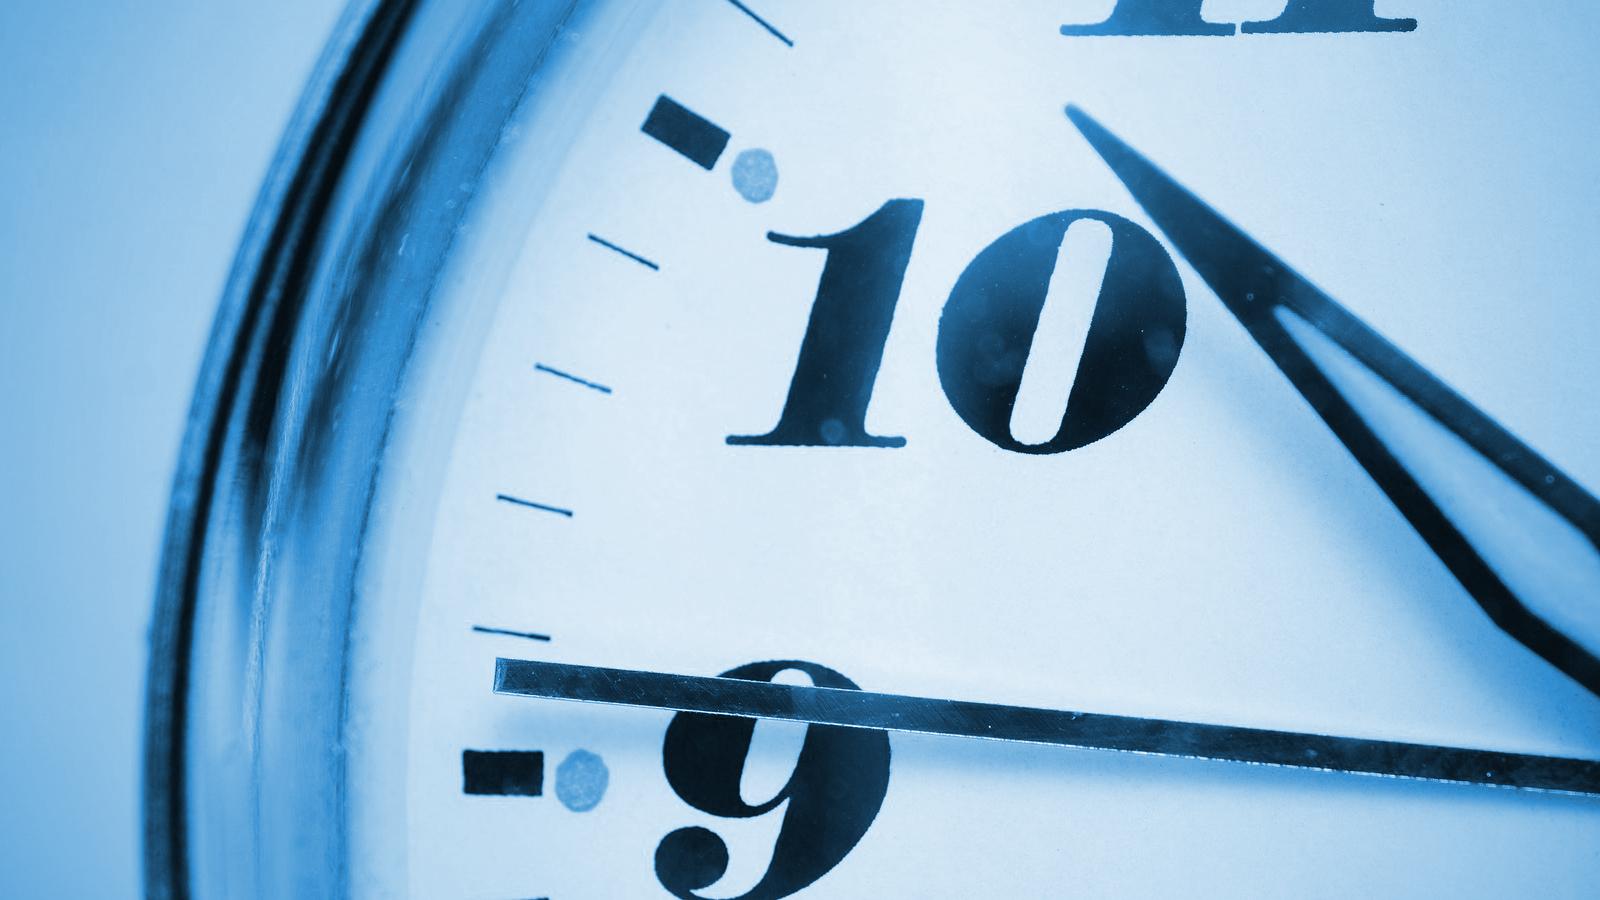 El Cambio De Hora Afecta A La Tarifa De Discriminación Horaria